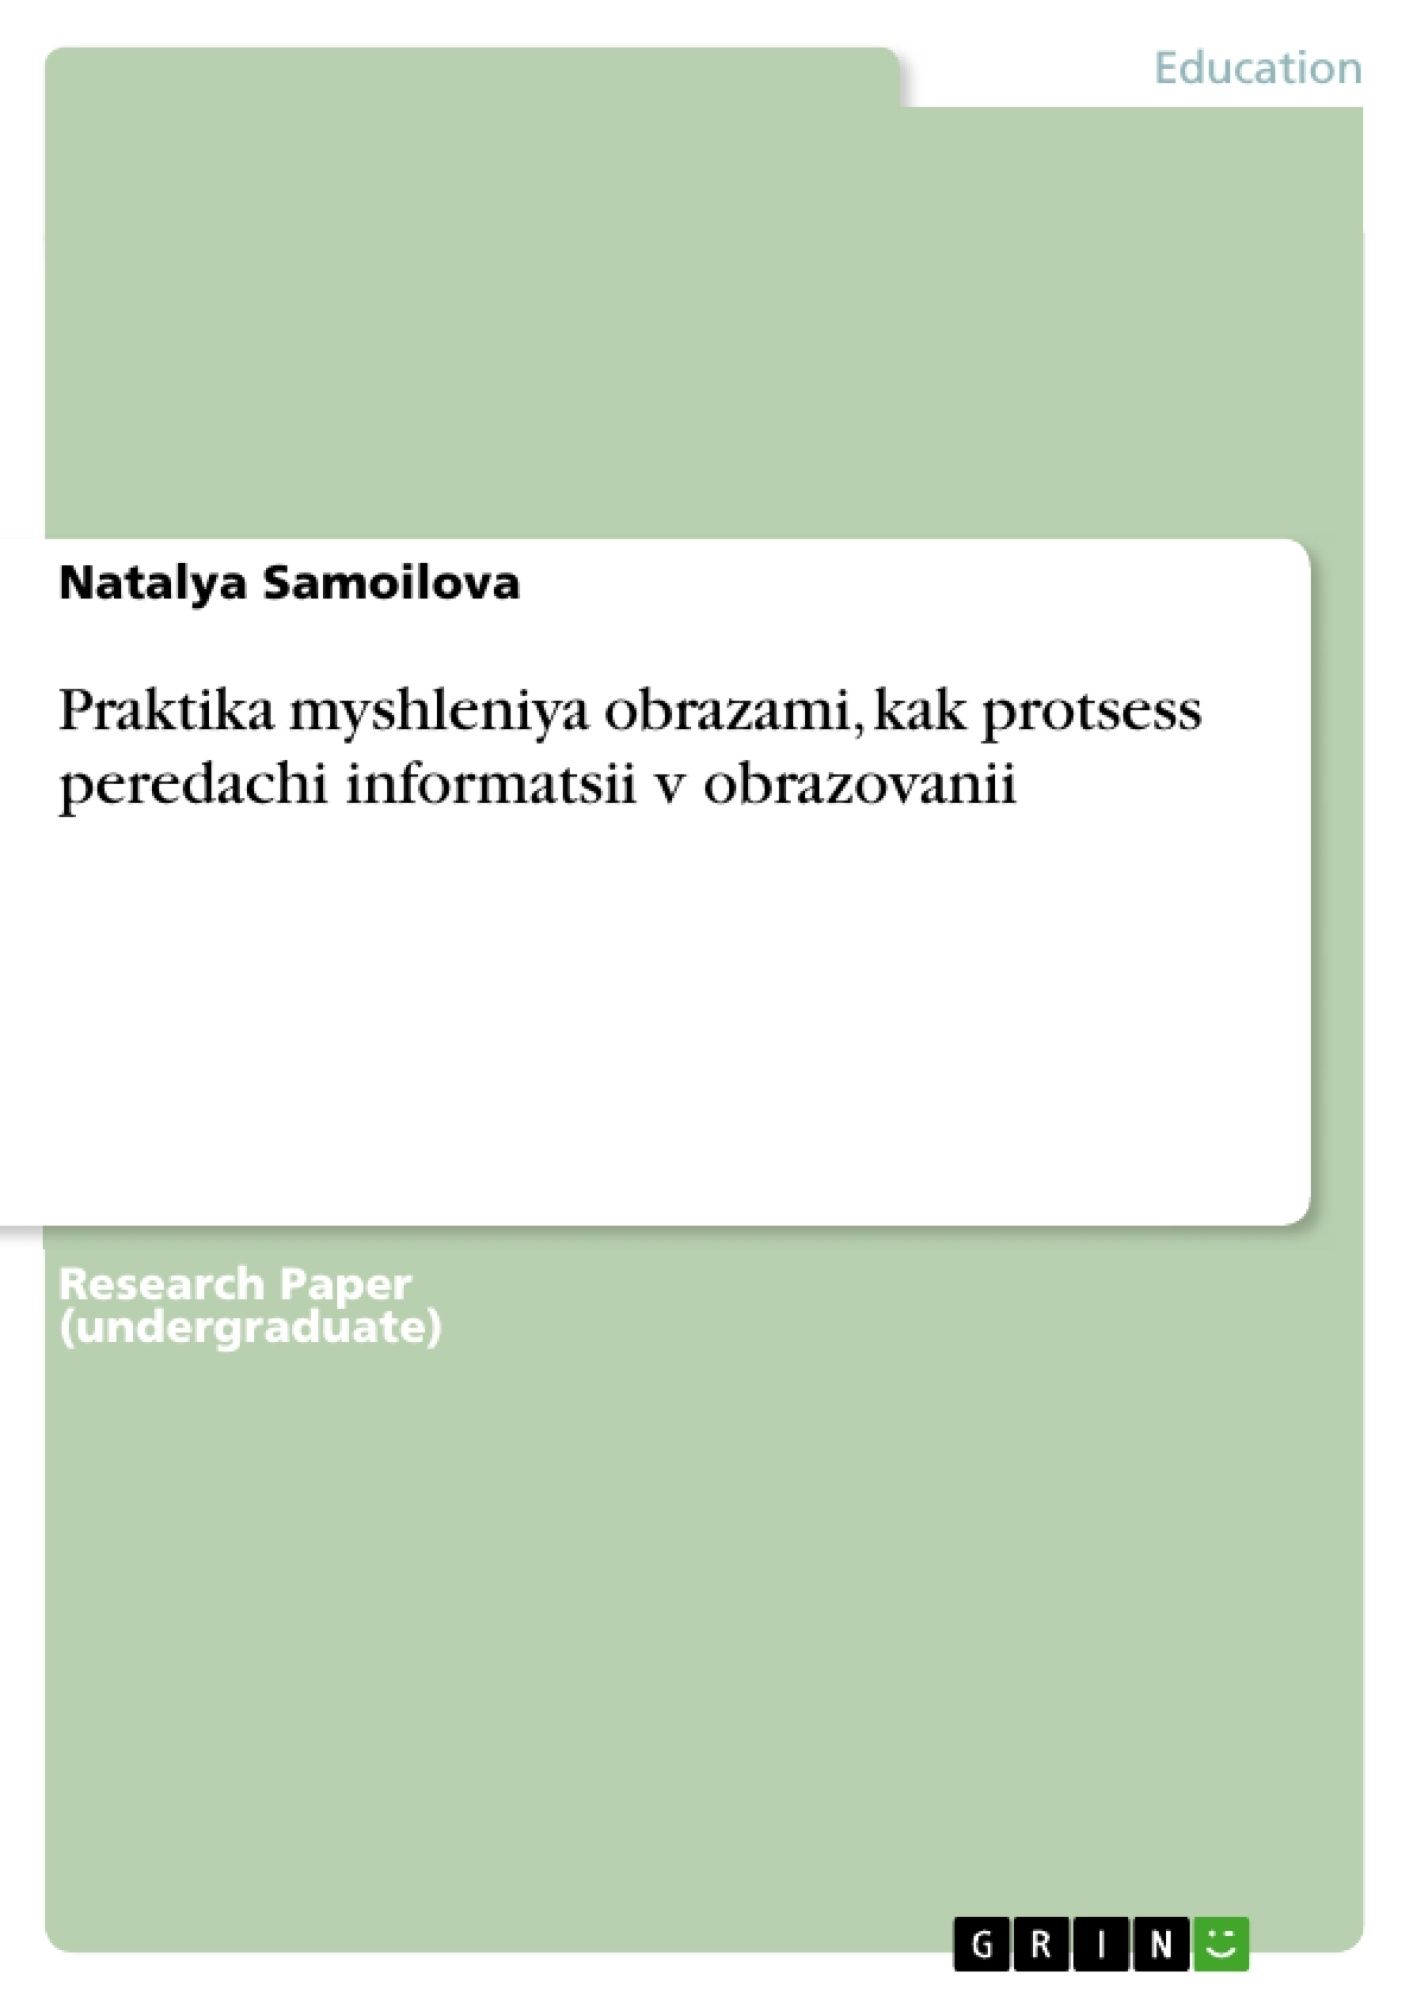 Title: Praktika myshleniya obrazami, kak protsess peredachi informatsii v obrazovanii